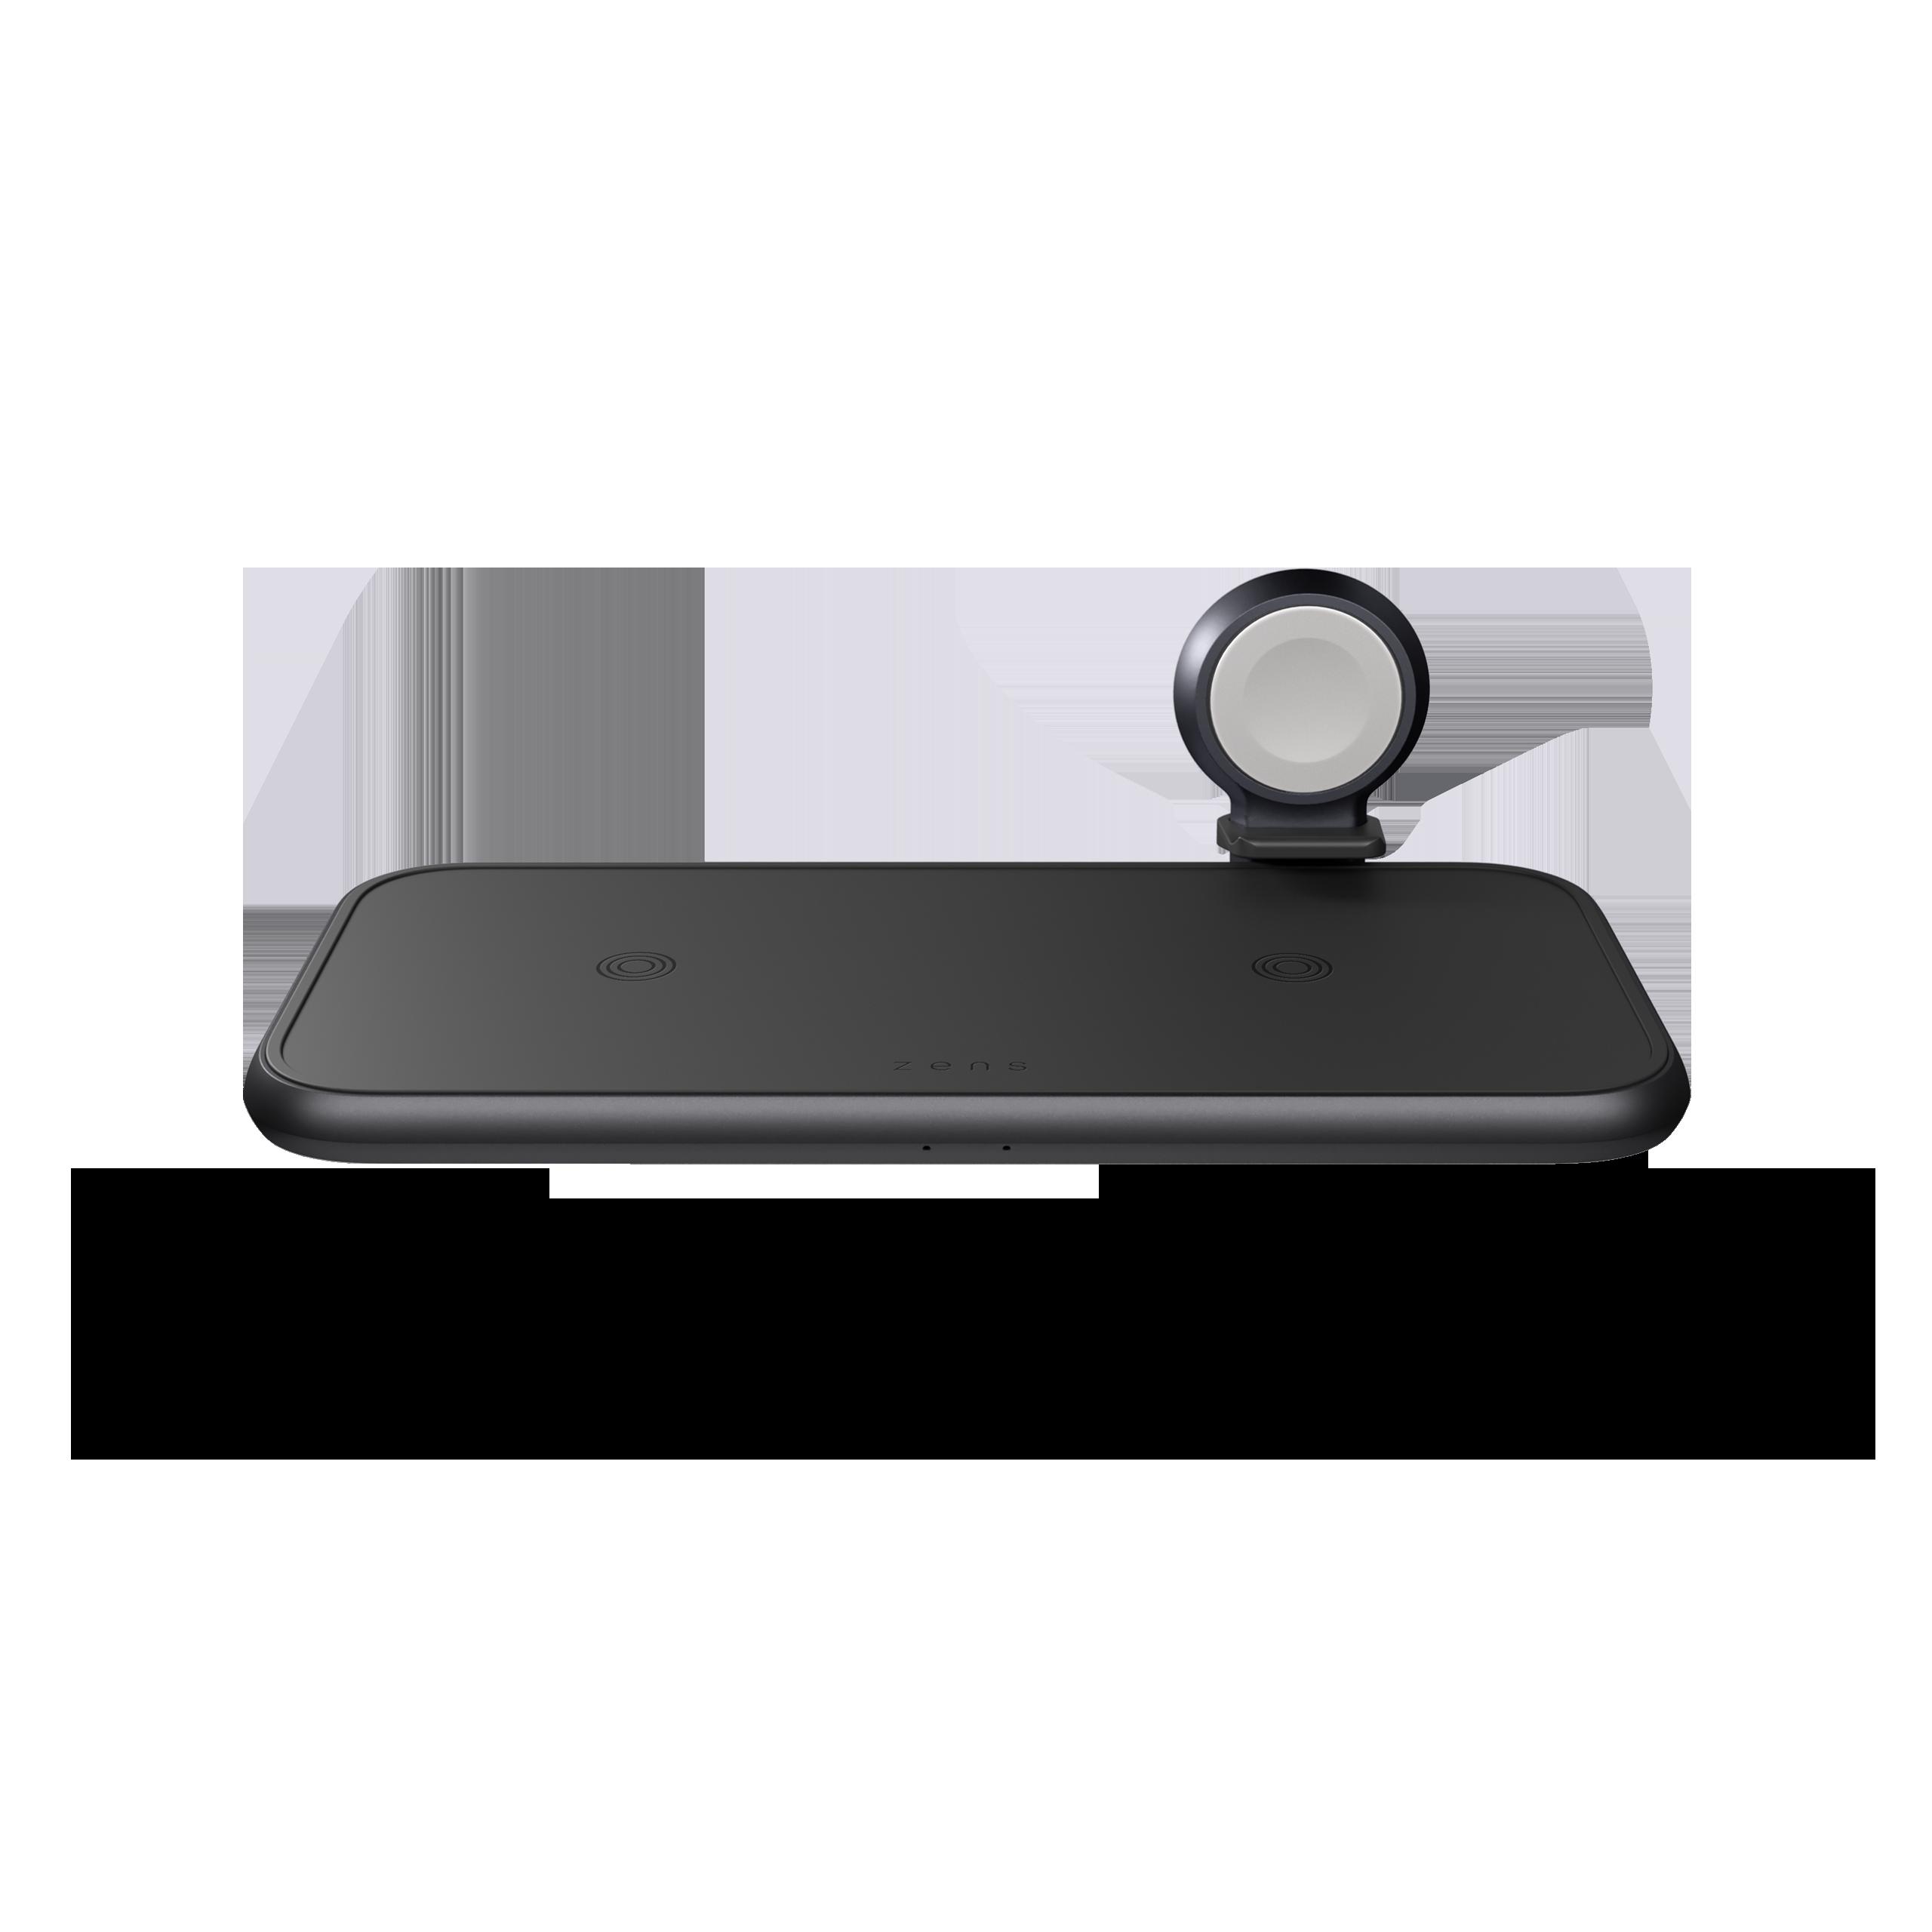 ZEDC14B - Zens 4-in-1 Wireless Charger Aluminium Front Top View